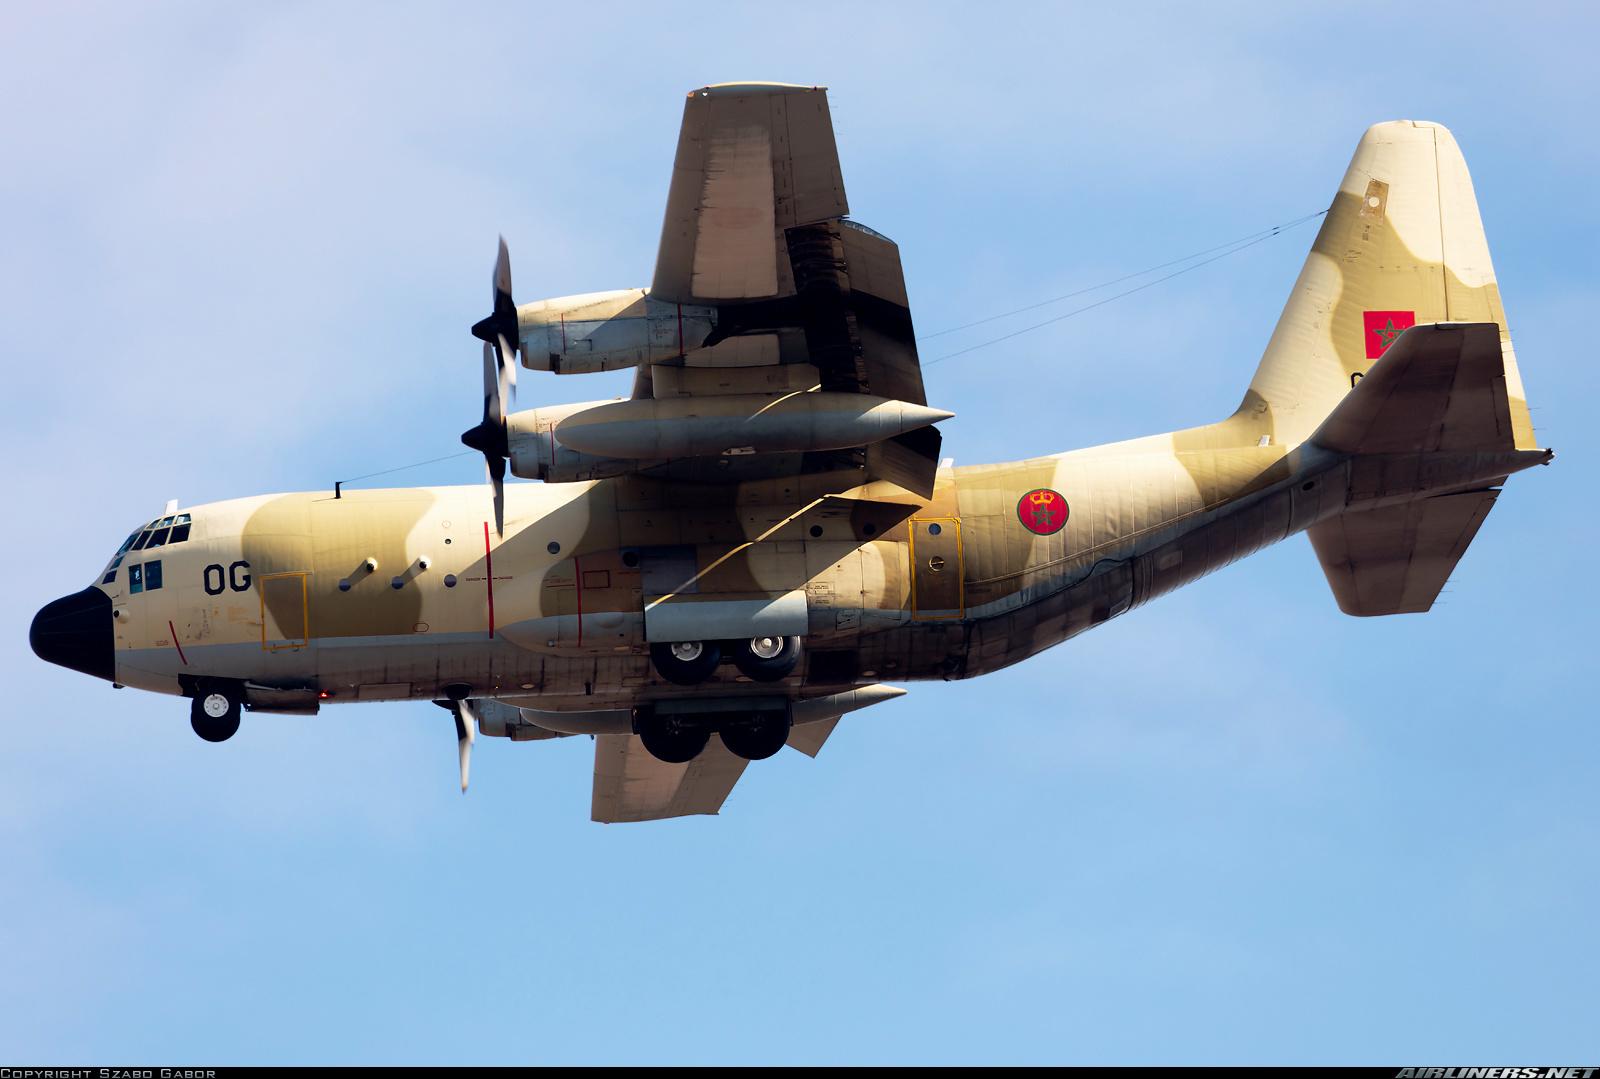 FRA: Photos d'avions de transport - Page 27 160331072429819682